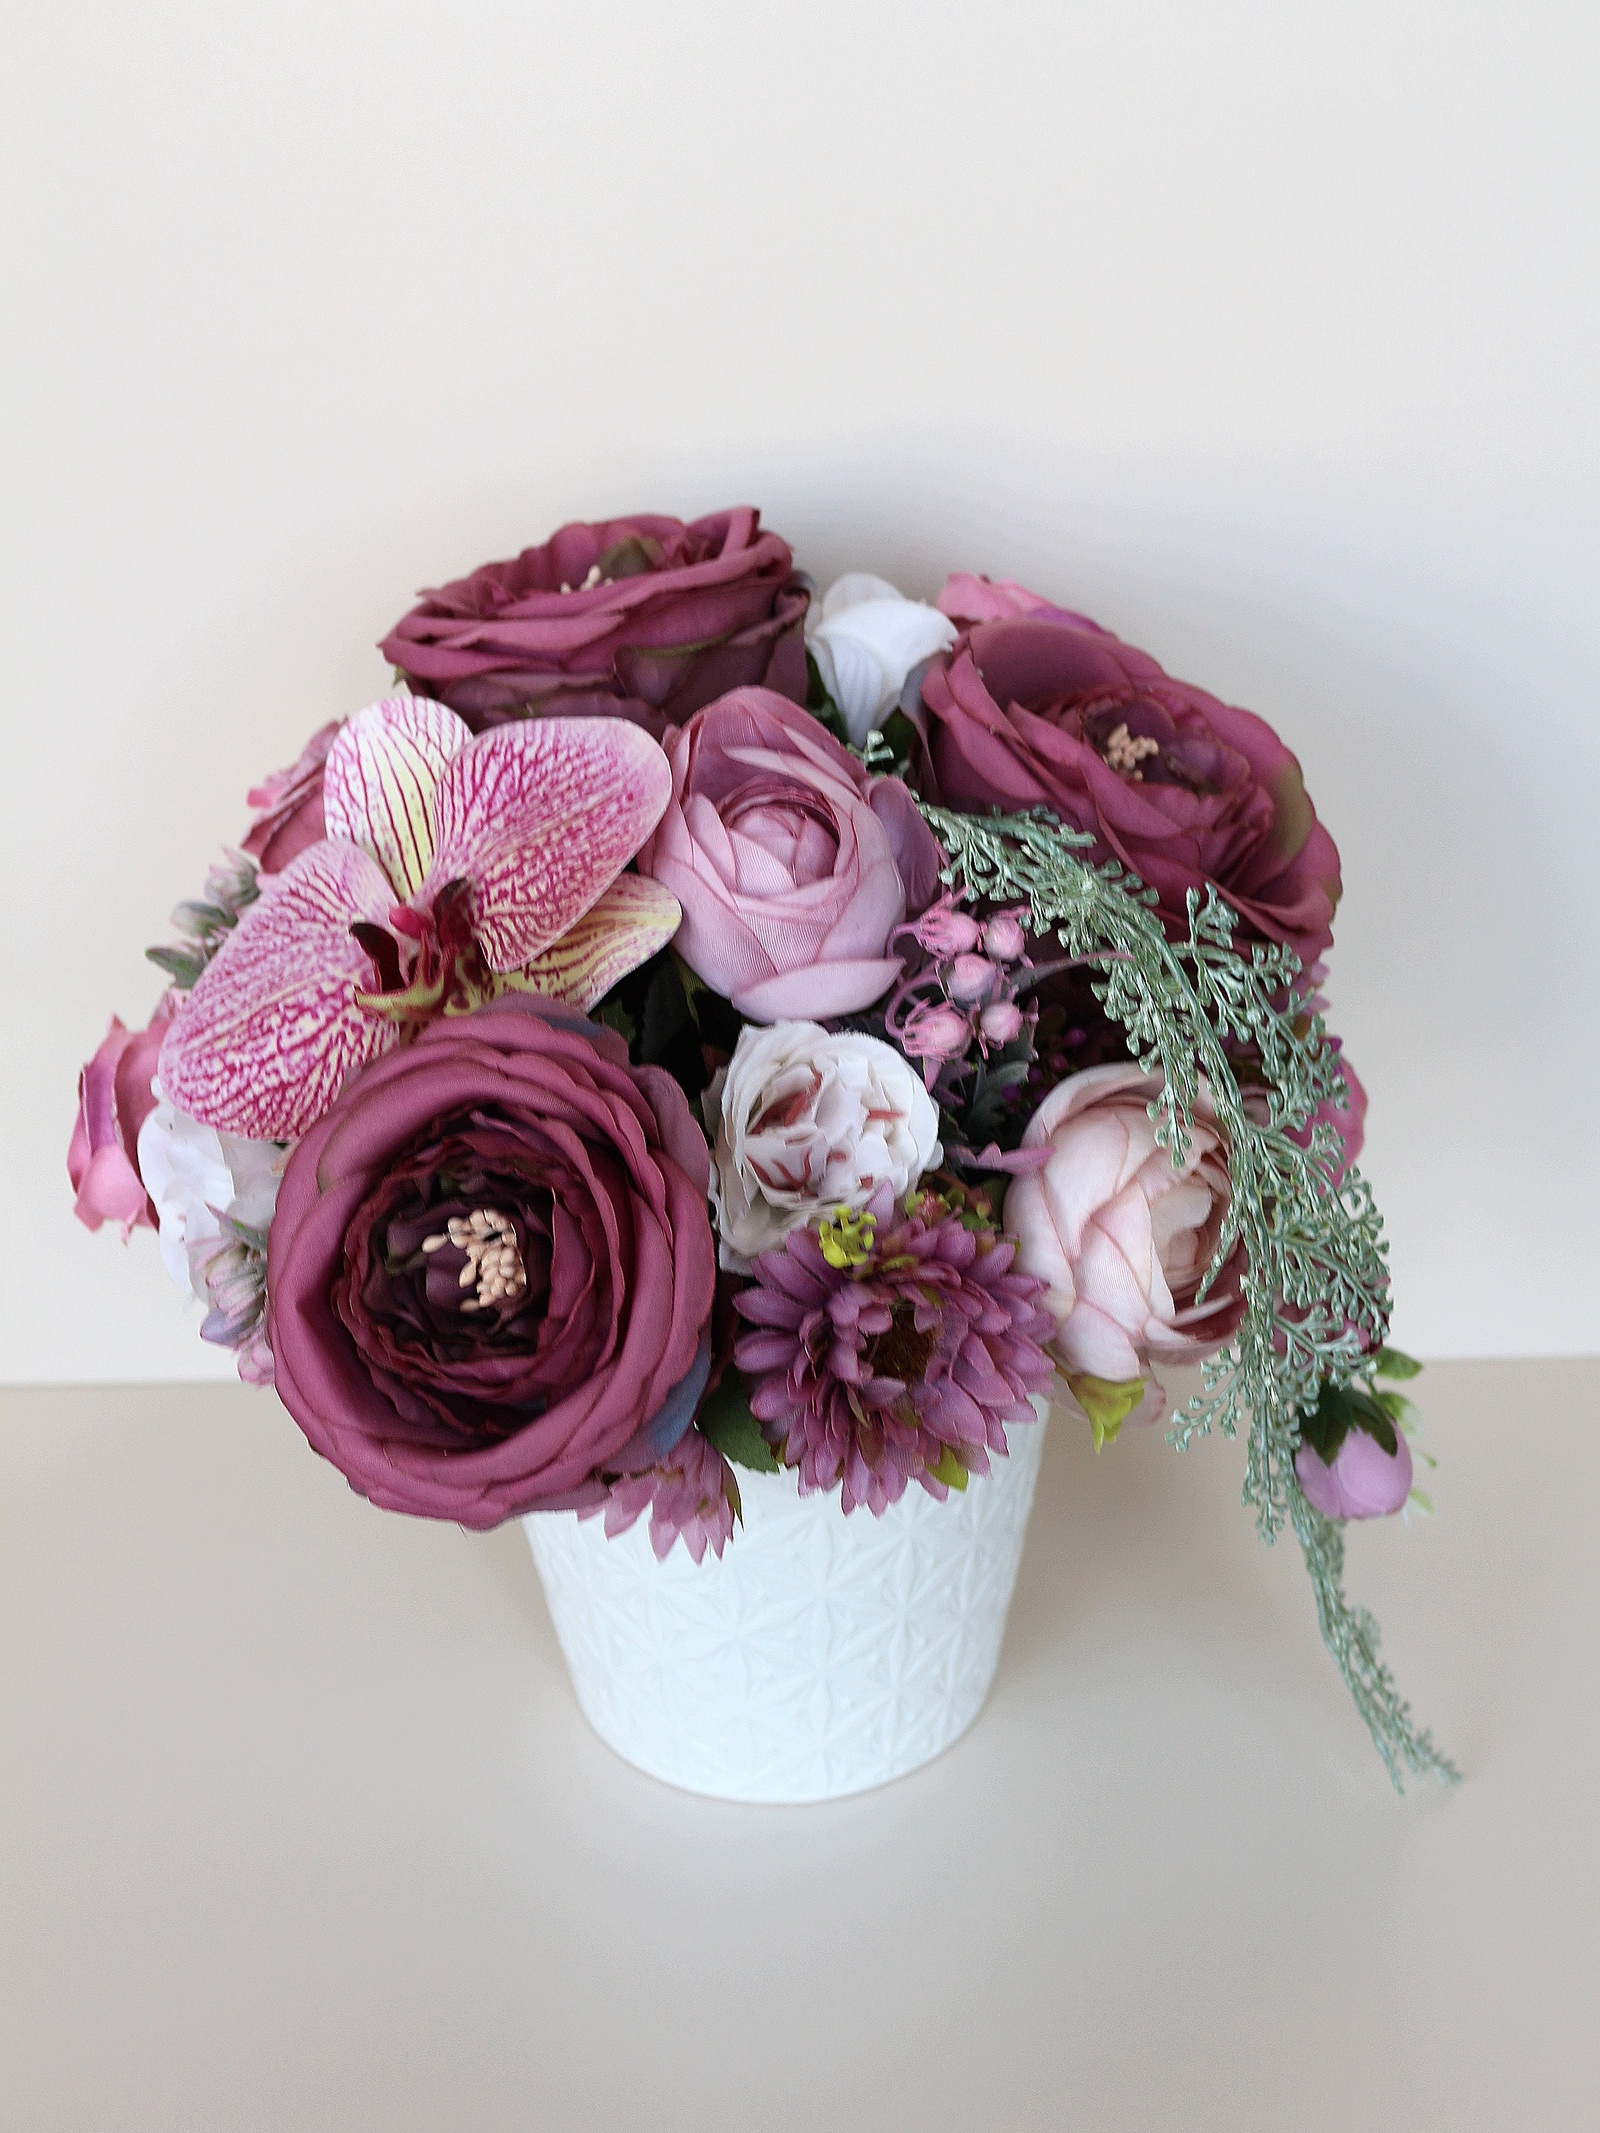 Искусственные цветы 403398, розовый emo 02 композиция из натуральных орхидей